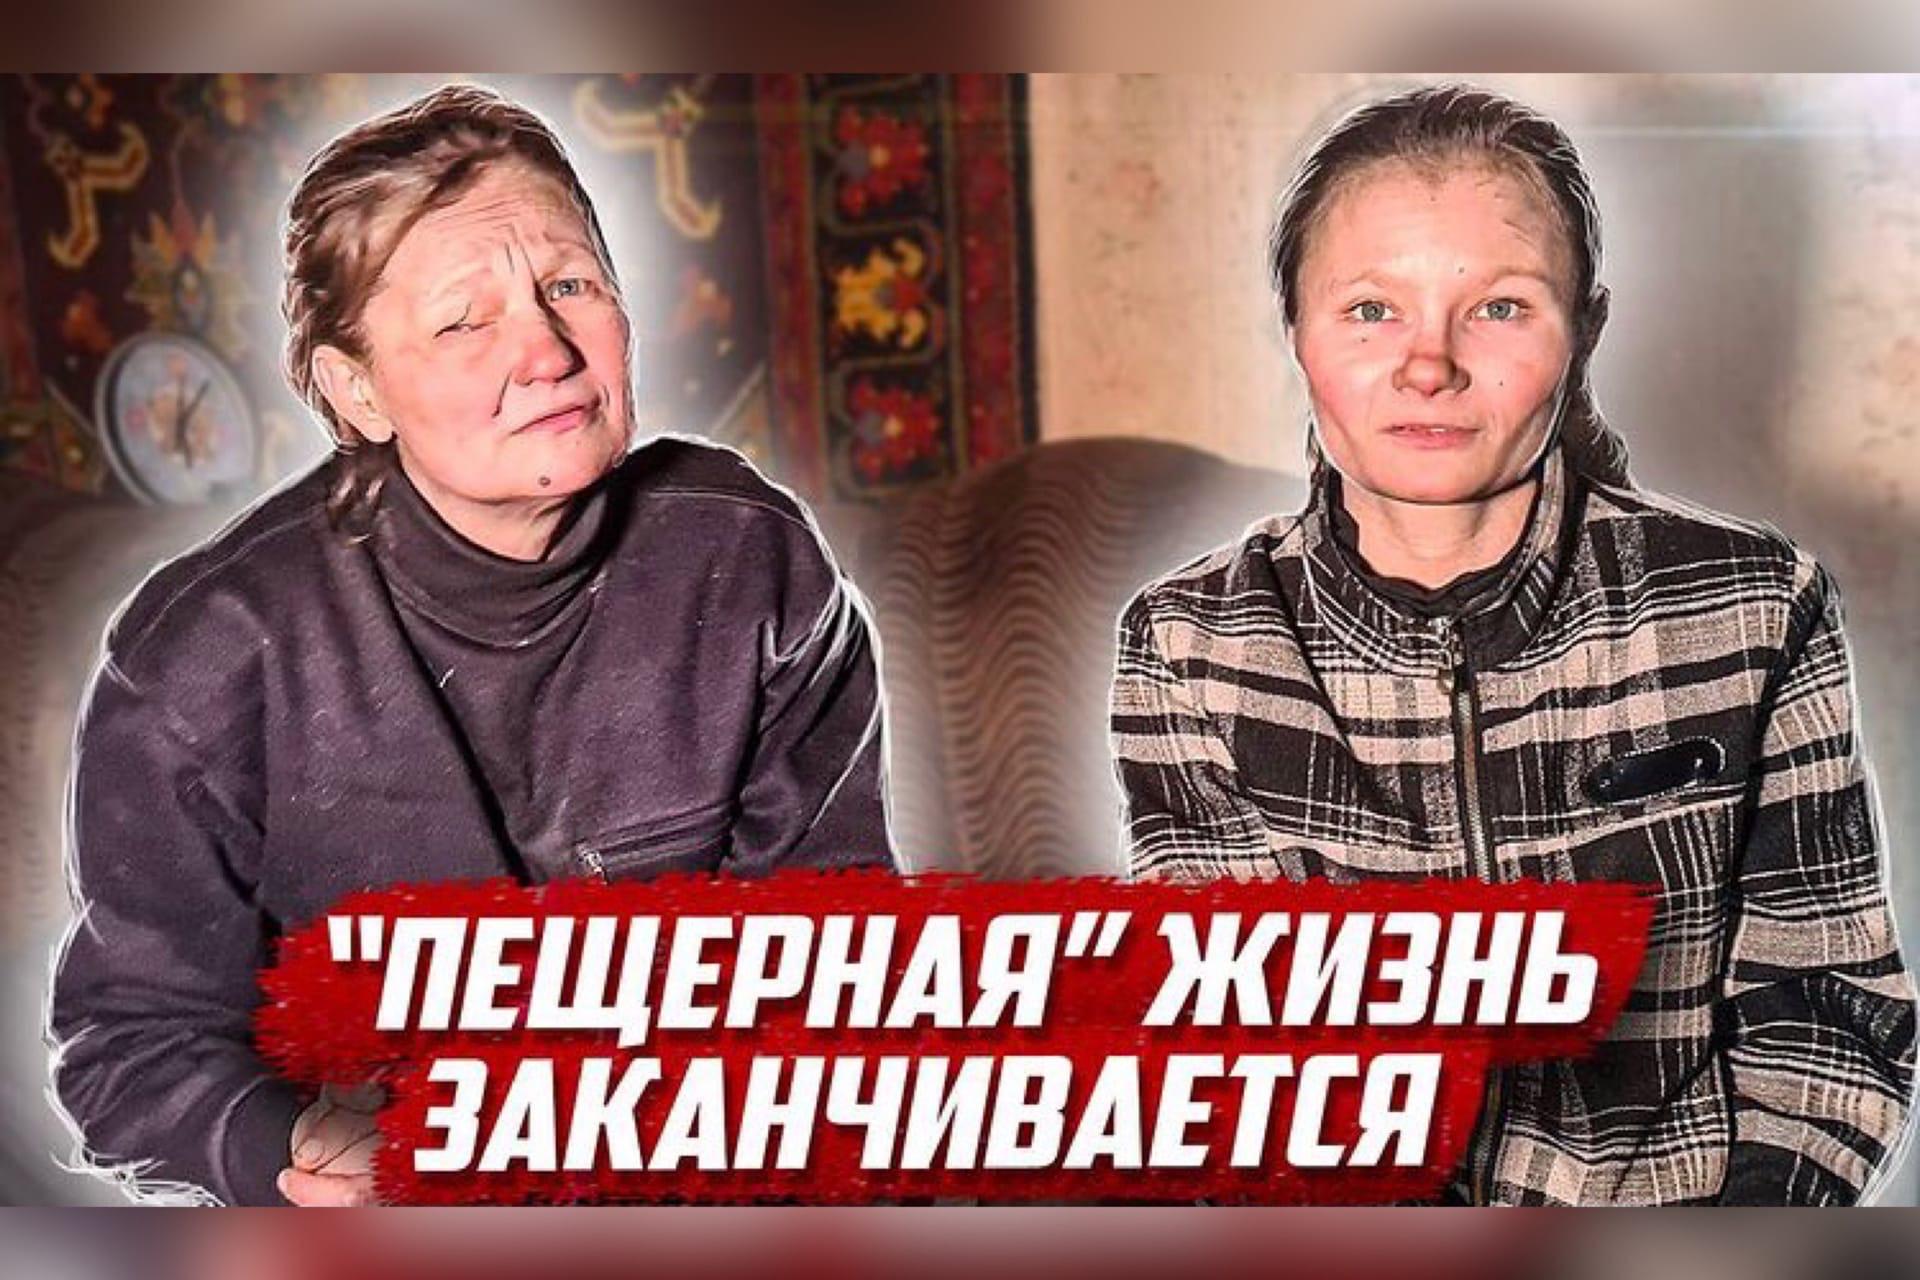 Работа для девушки в бугуруслане на ню севастополь